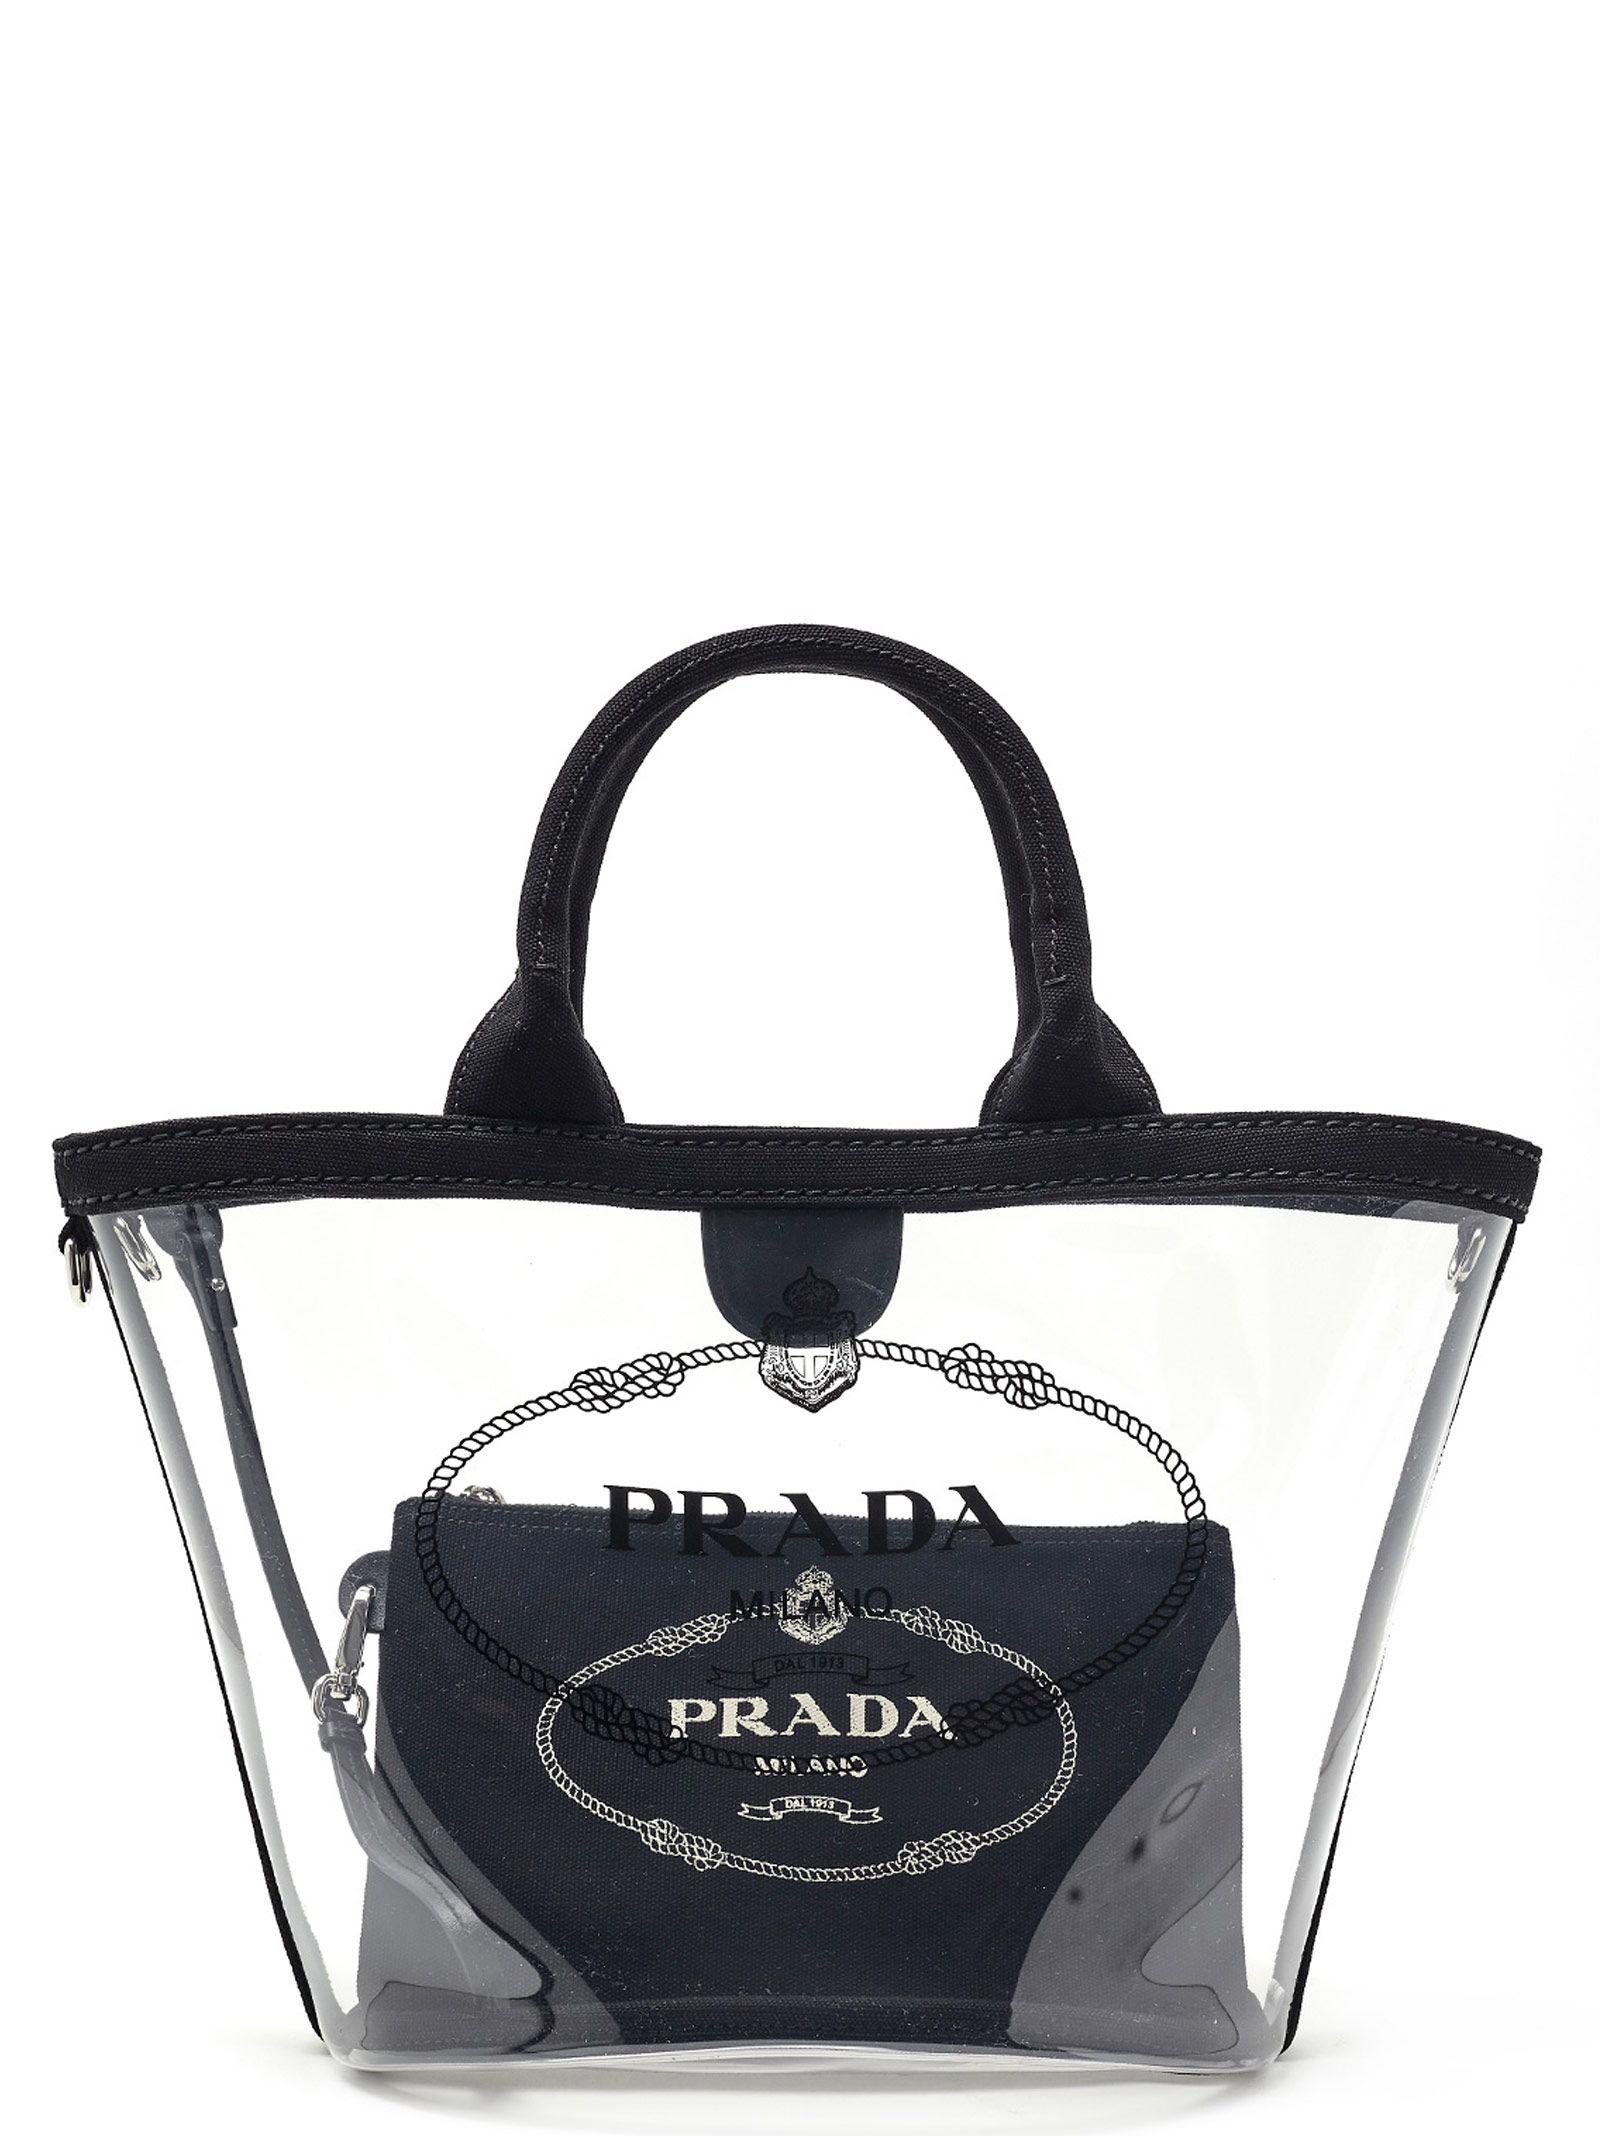 d061c3054e3e Prada Prada Bag - Black - 10785874 | italist